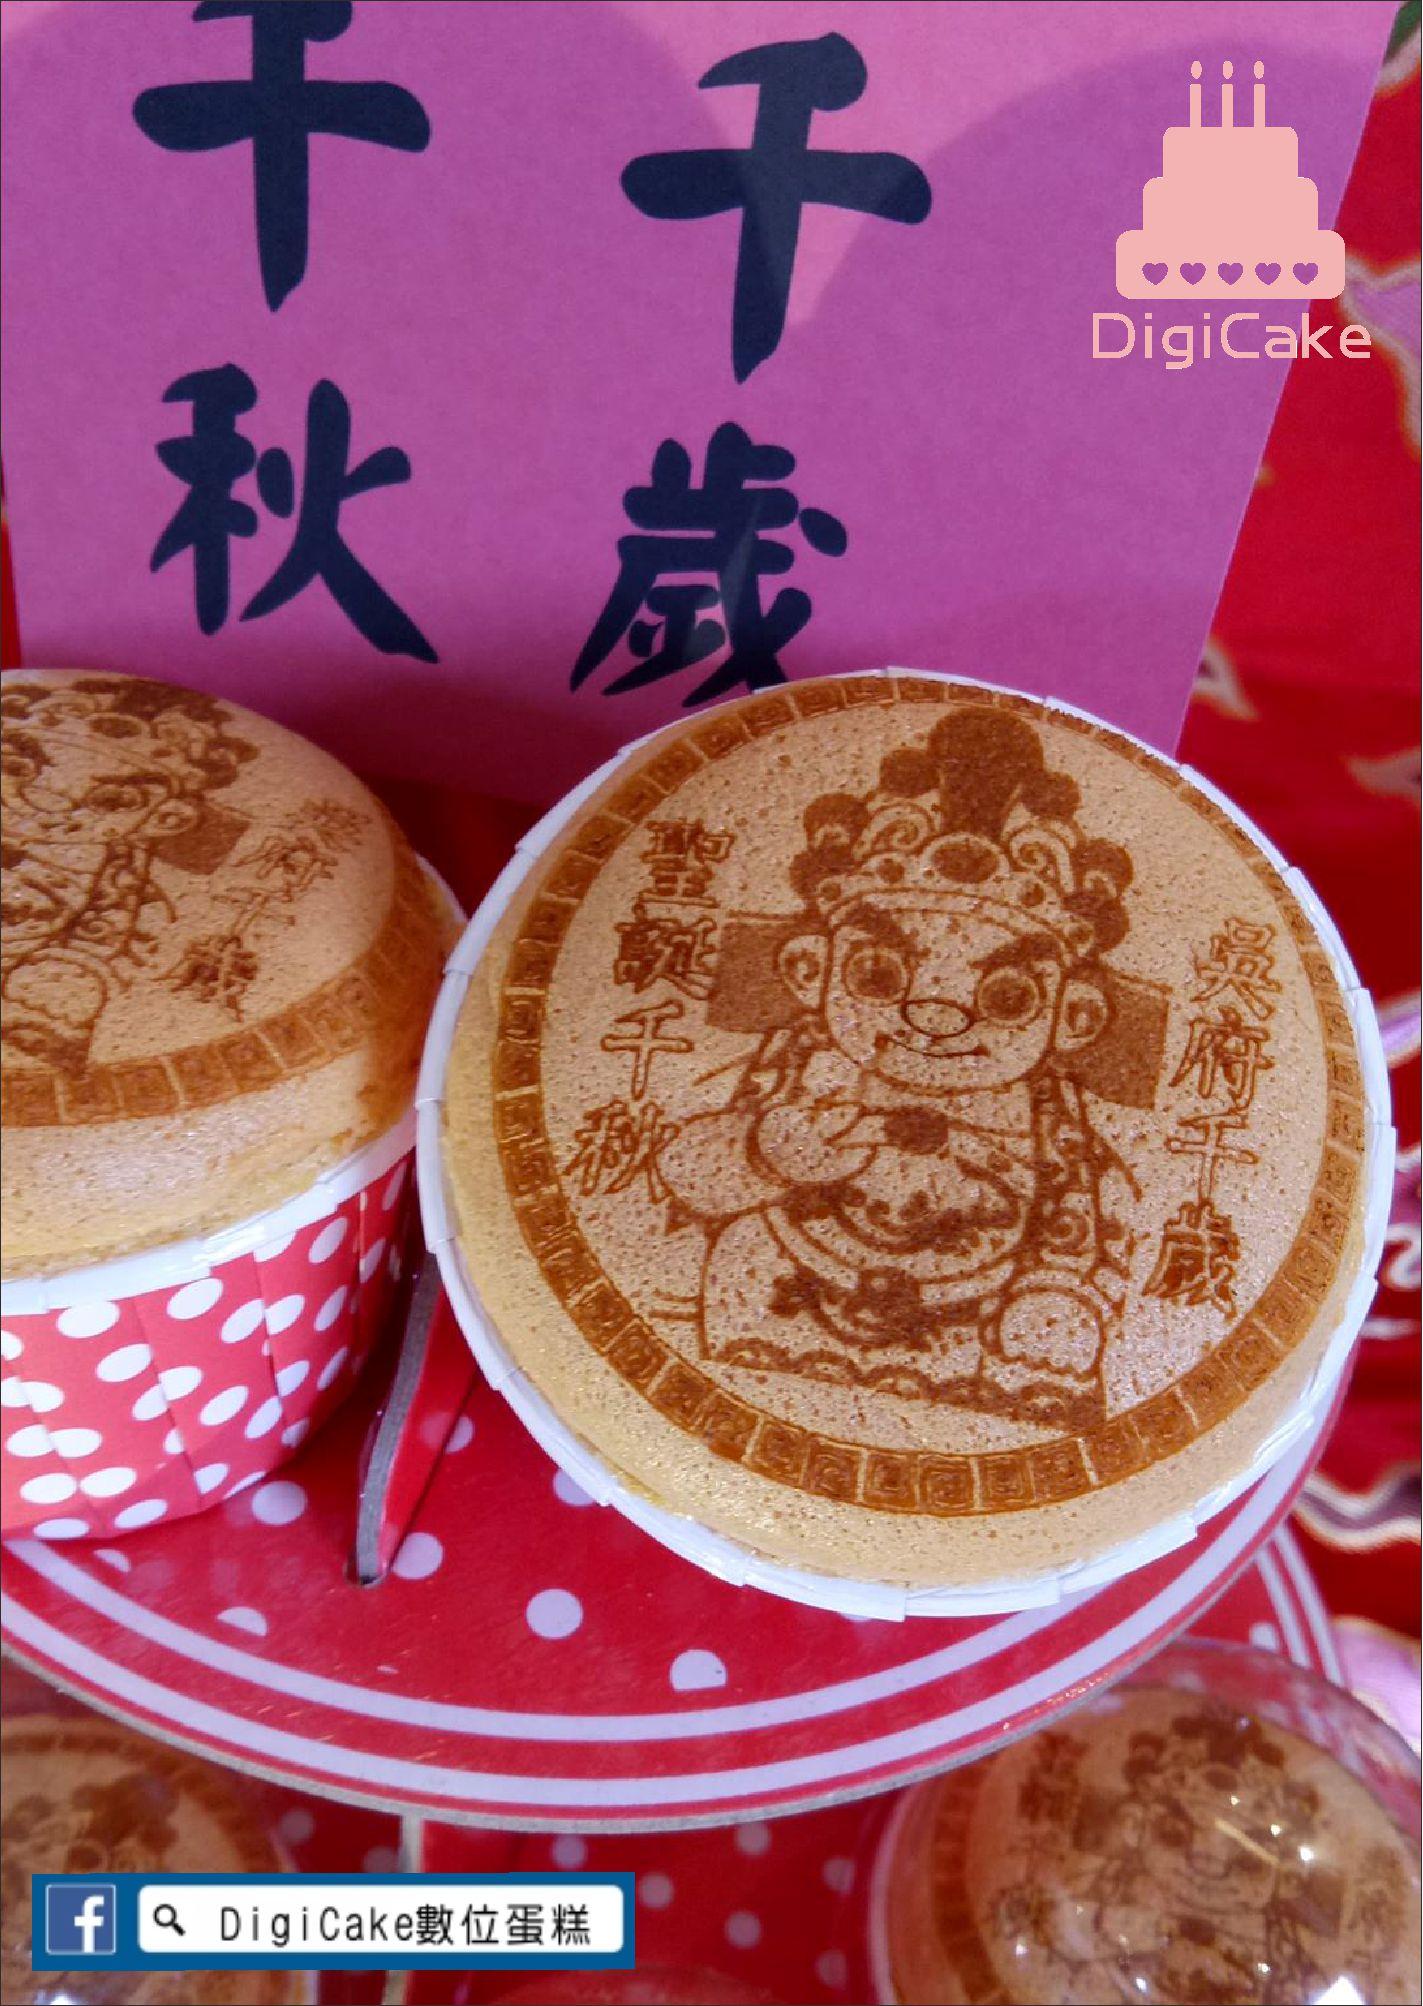 點此進入吳府千歲神雕杯子蛋糕30杯一組(附杯架+祝壽詞)的詳細資料!